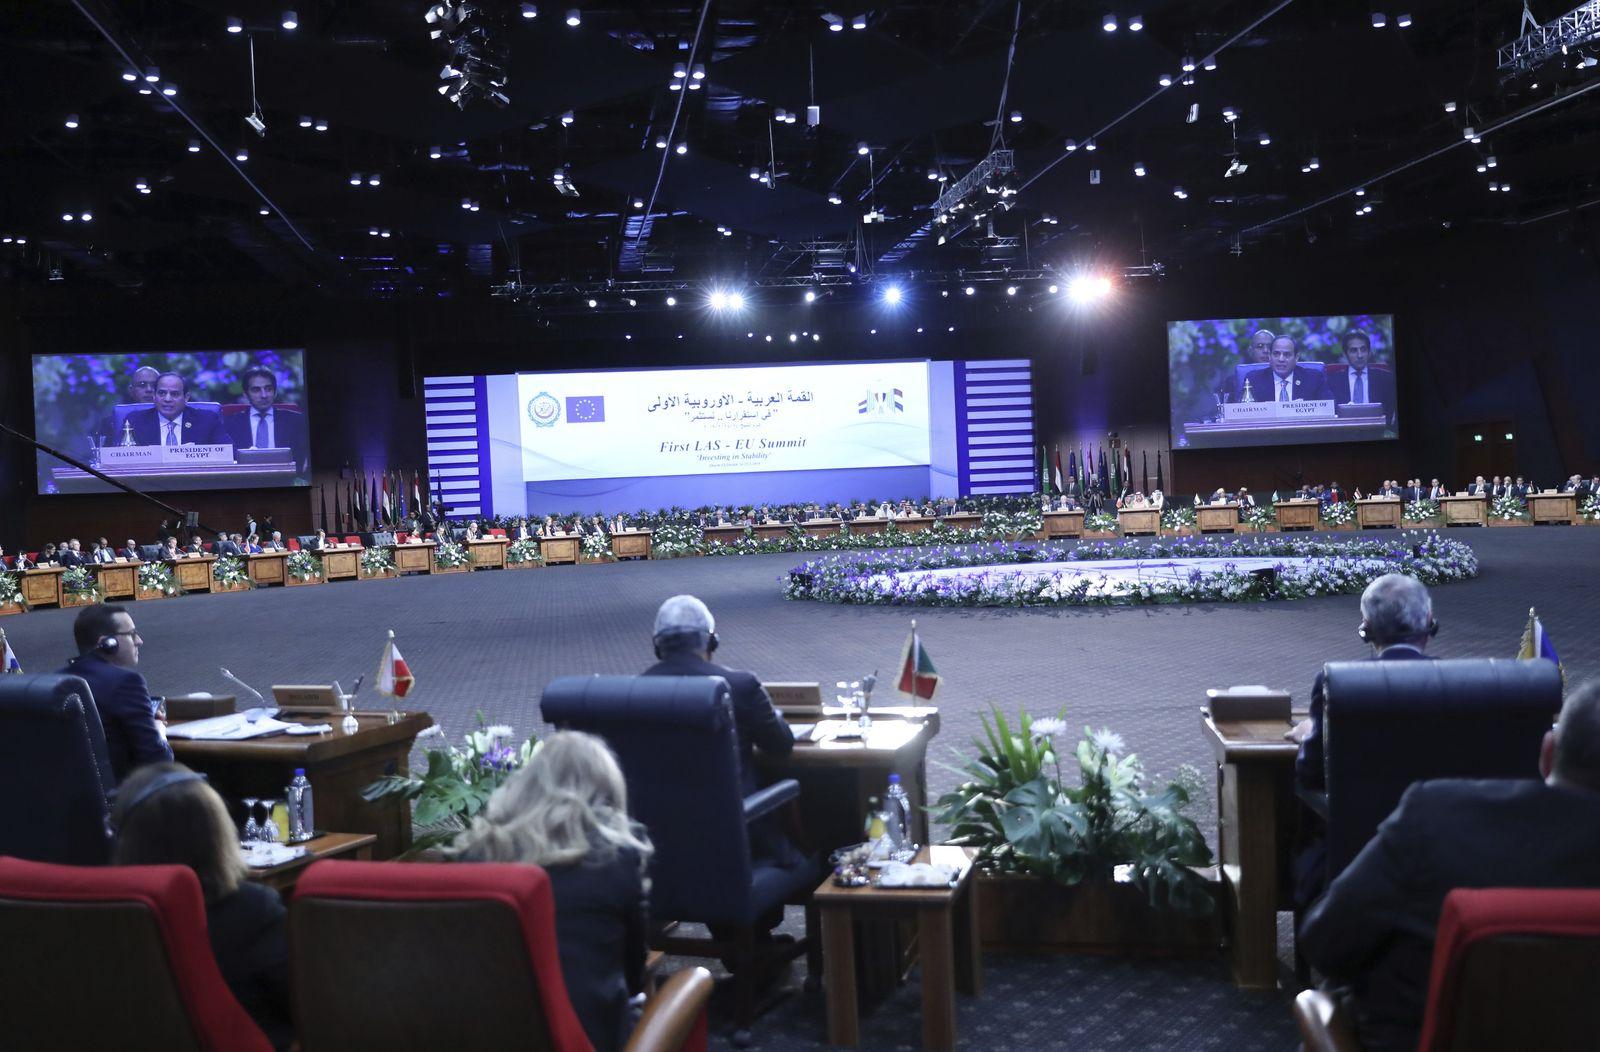 Egypt Europe Arab Summit